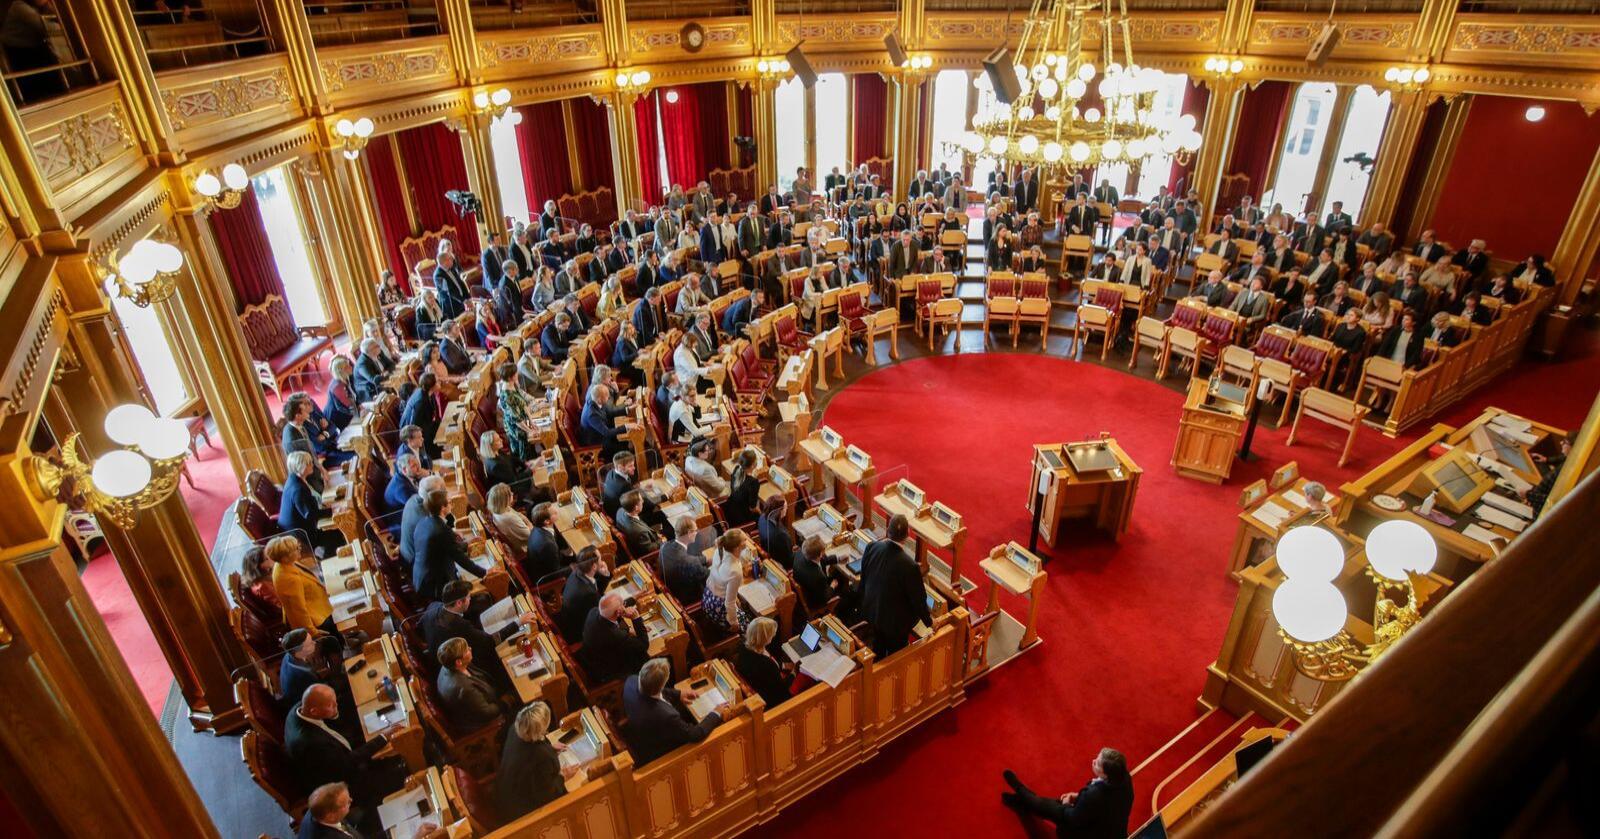 Stortinget: Gunnar Alstad mener at Stortinget må ta ansvar for rovdyrpolitikken.  Foto: Vidar Ruud / NTB scanpix